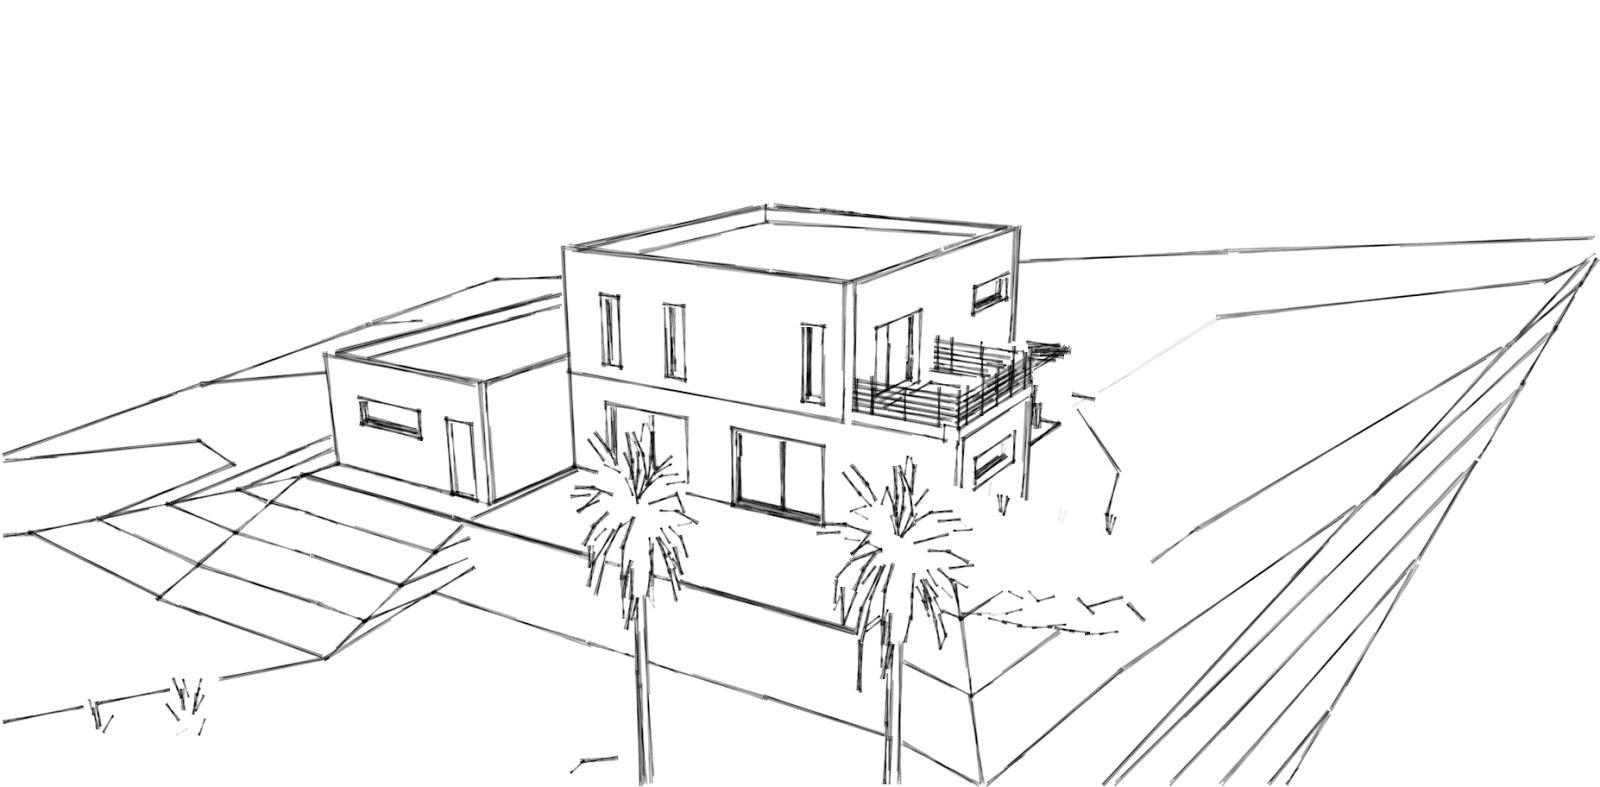 Modification permis g modification du permis de for Autoconstruction maison passive